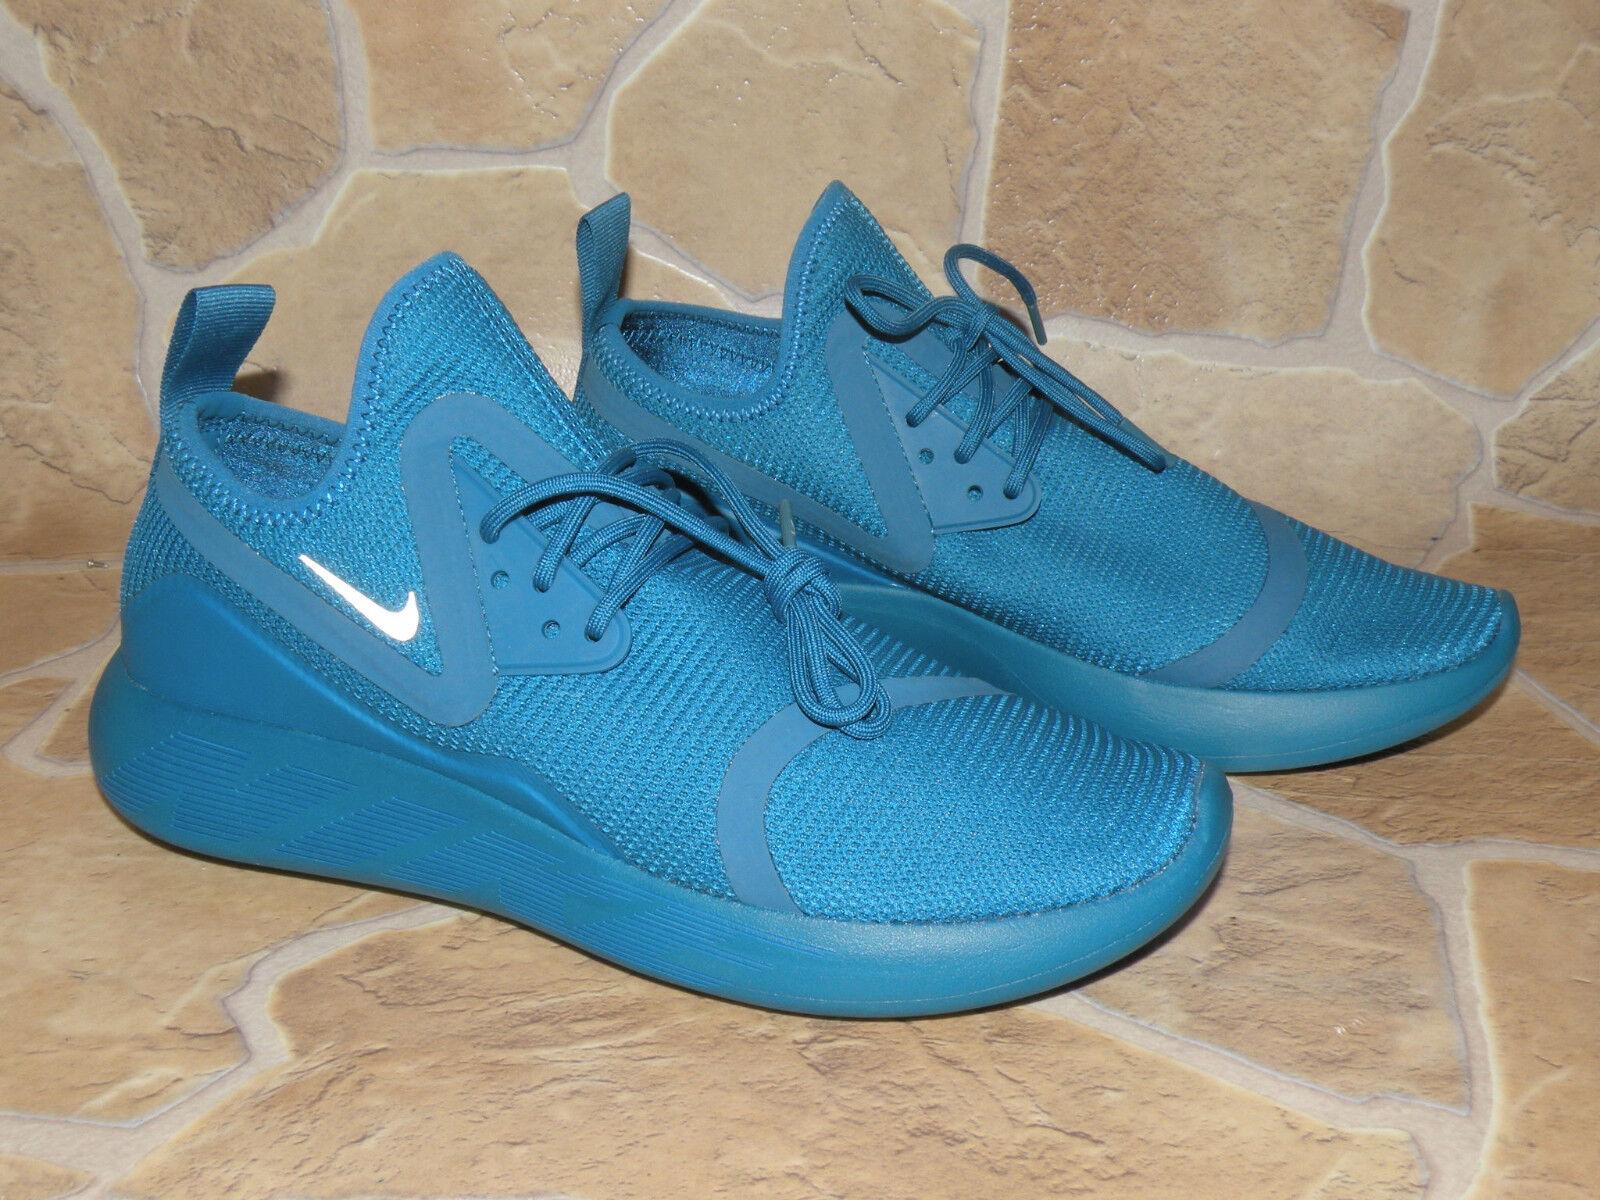 Nike lunarcharge BR Herren Running Sneaker gr. 44 in blau 942059-400